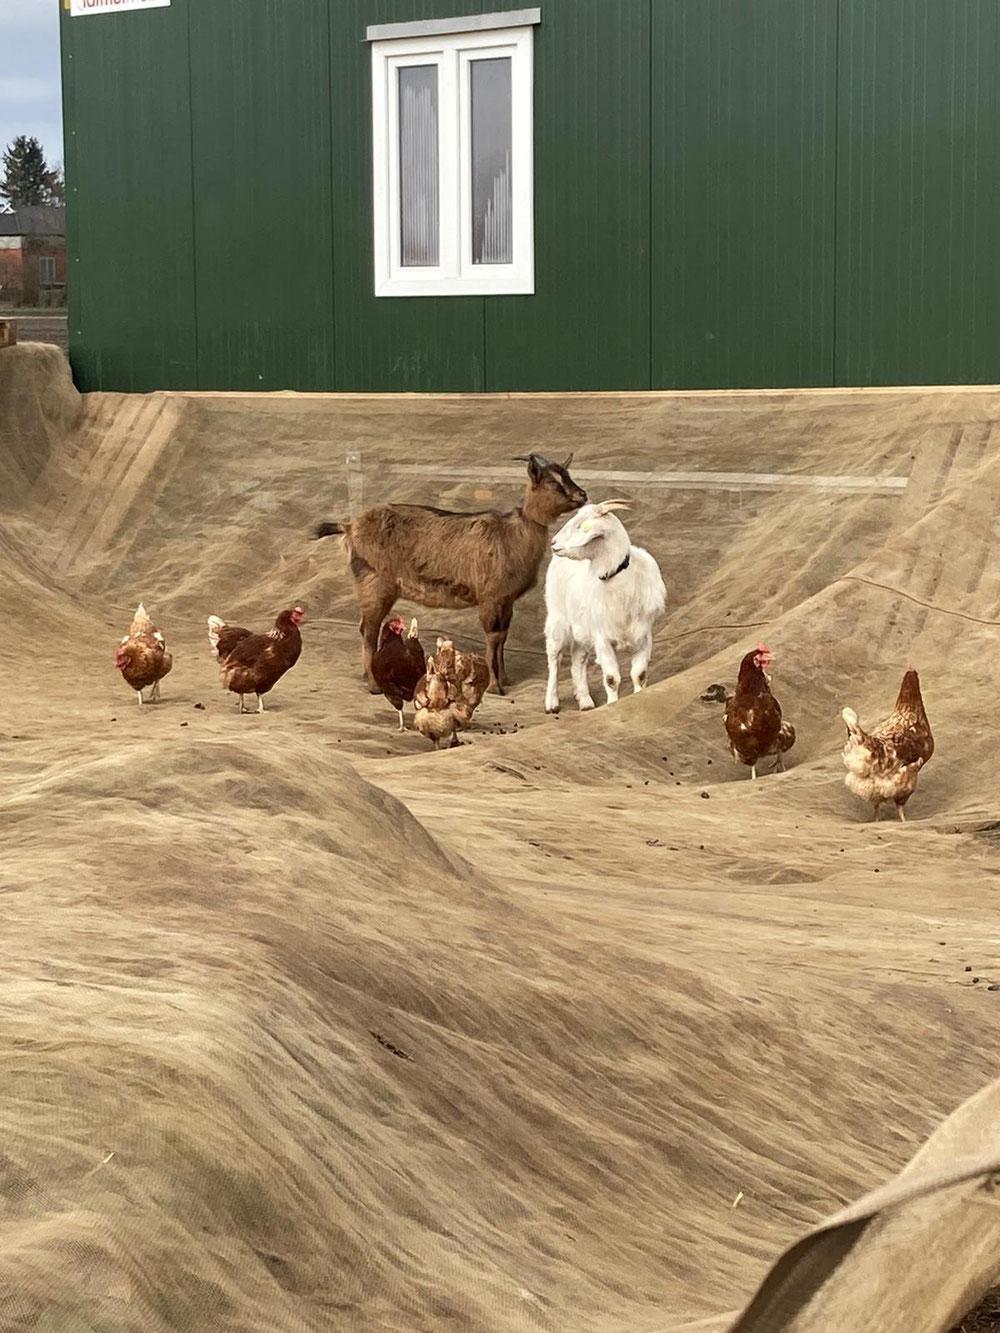 Die Ziegen gehen erstmal in ihr eigenes Revier. Sie haben sich als Protestler erwiesen und das Netz mal ganz schnell auf den Boden geholt. Die Arbeit von 3 Stunden innerhalb von 20 Minuten zunichte gemacht. .